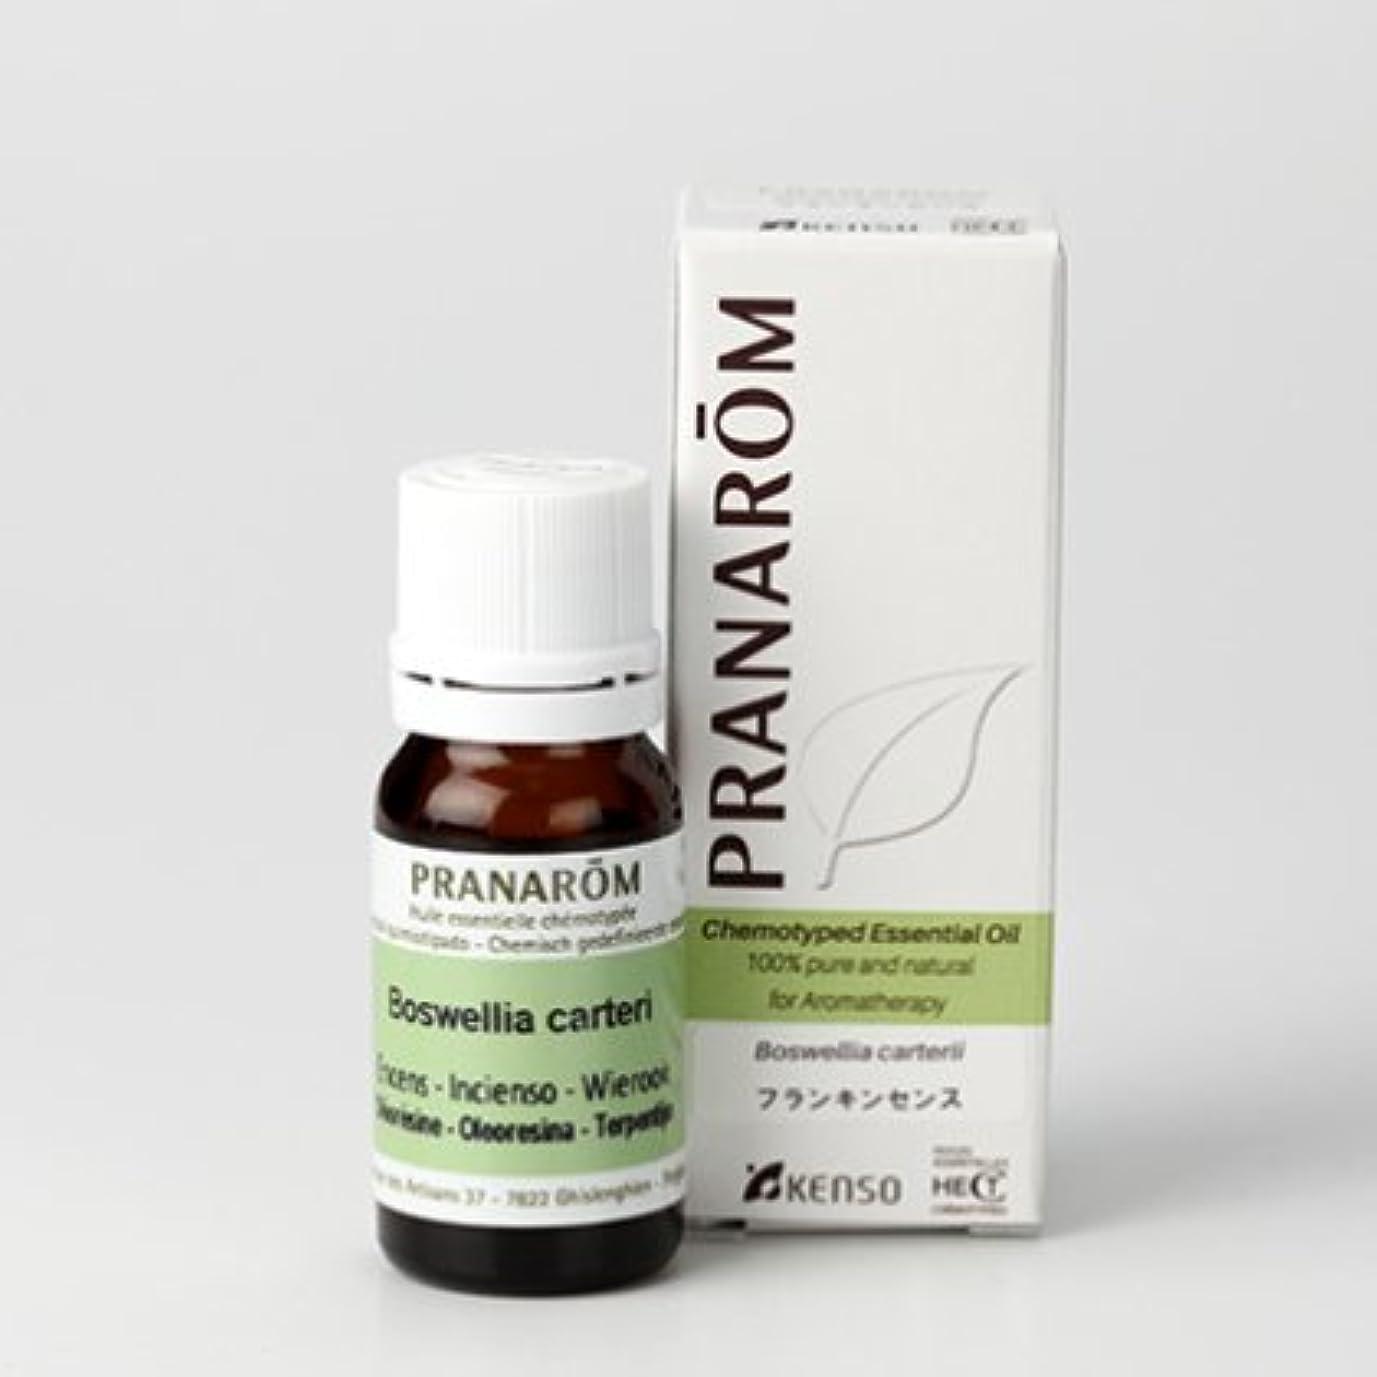 洗剤洞察力のあるシロクマフランキンセンス 10mlミドルノート プラナロム社エッセンシャルオイル(精油)